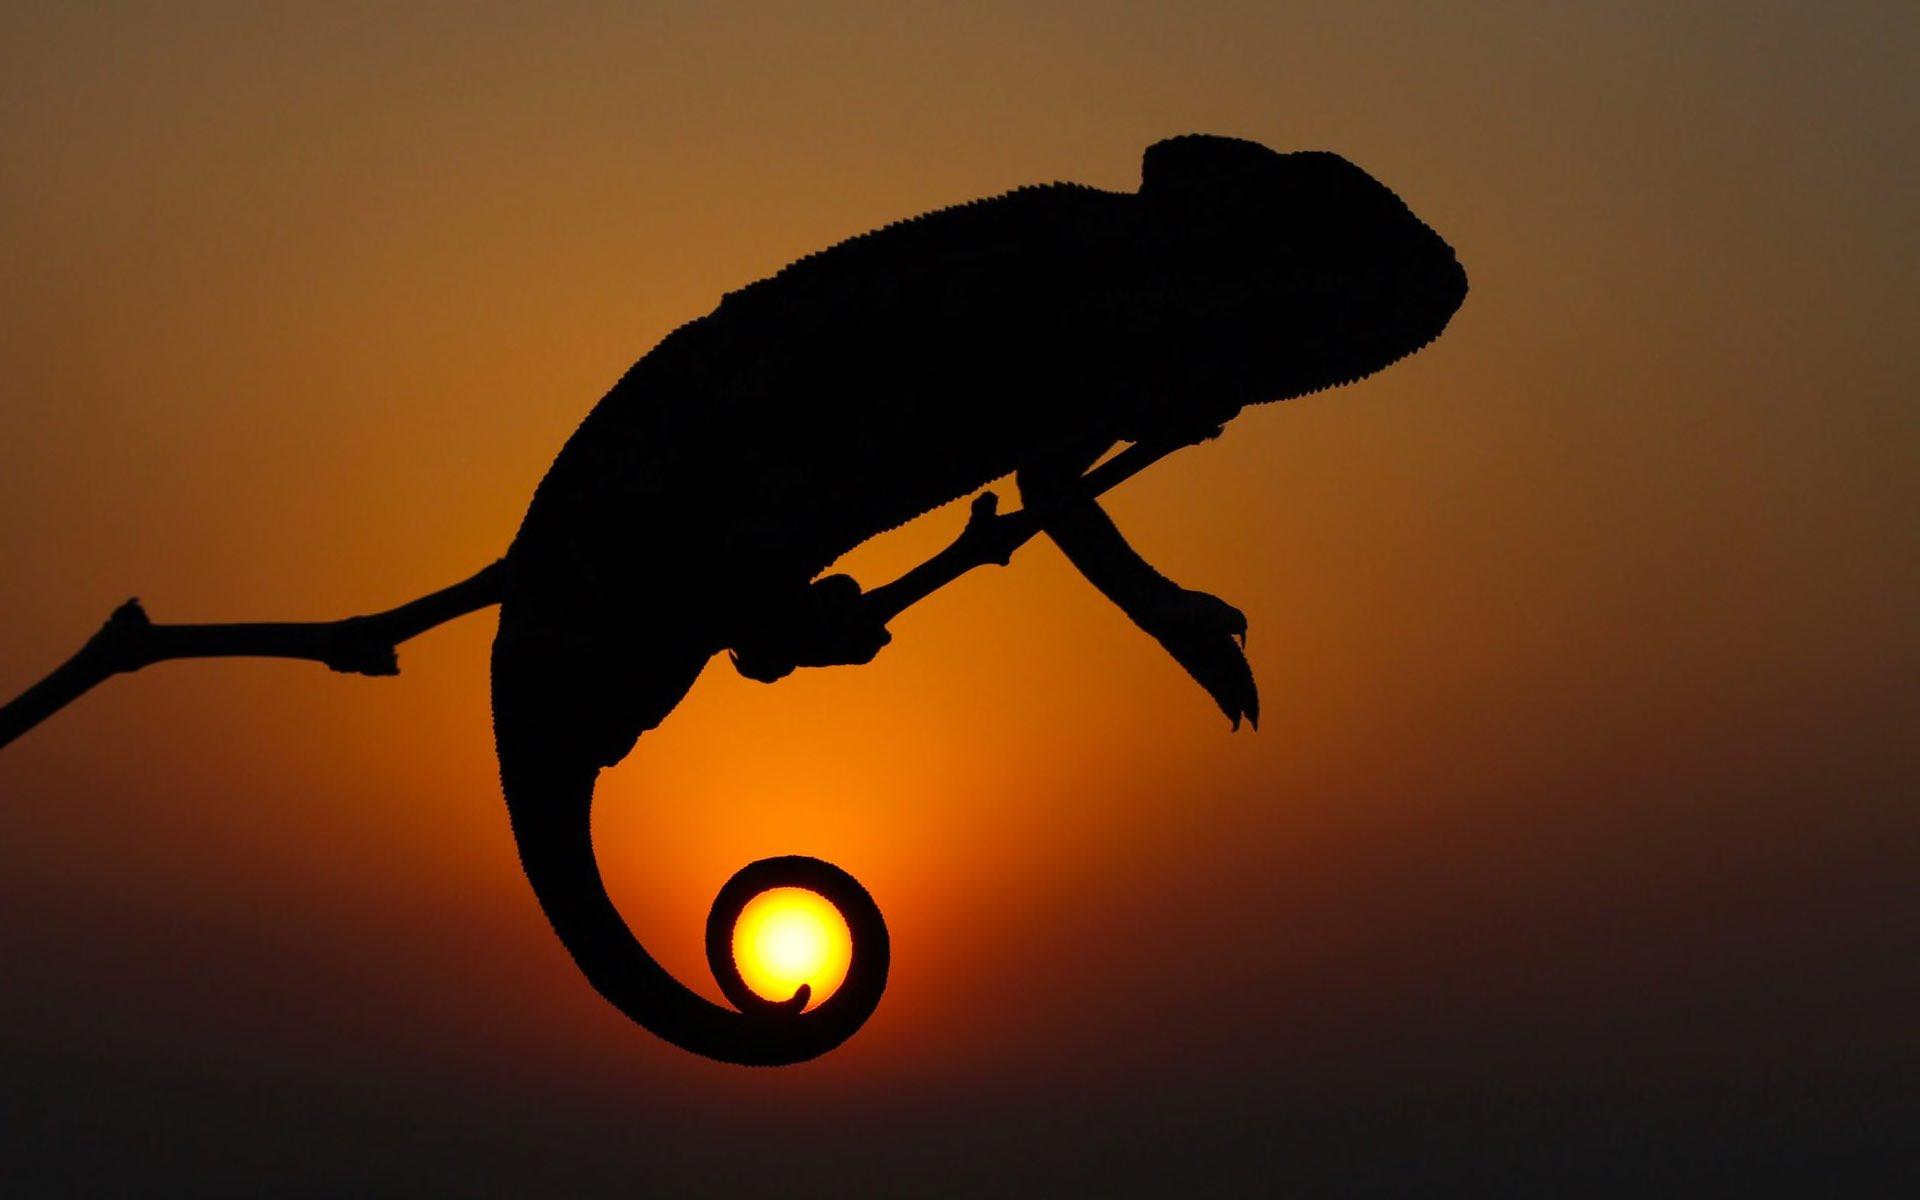 Хамелеон держит солнце хамелеон солнце закат